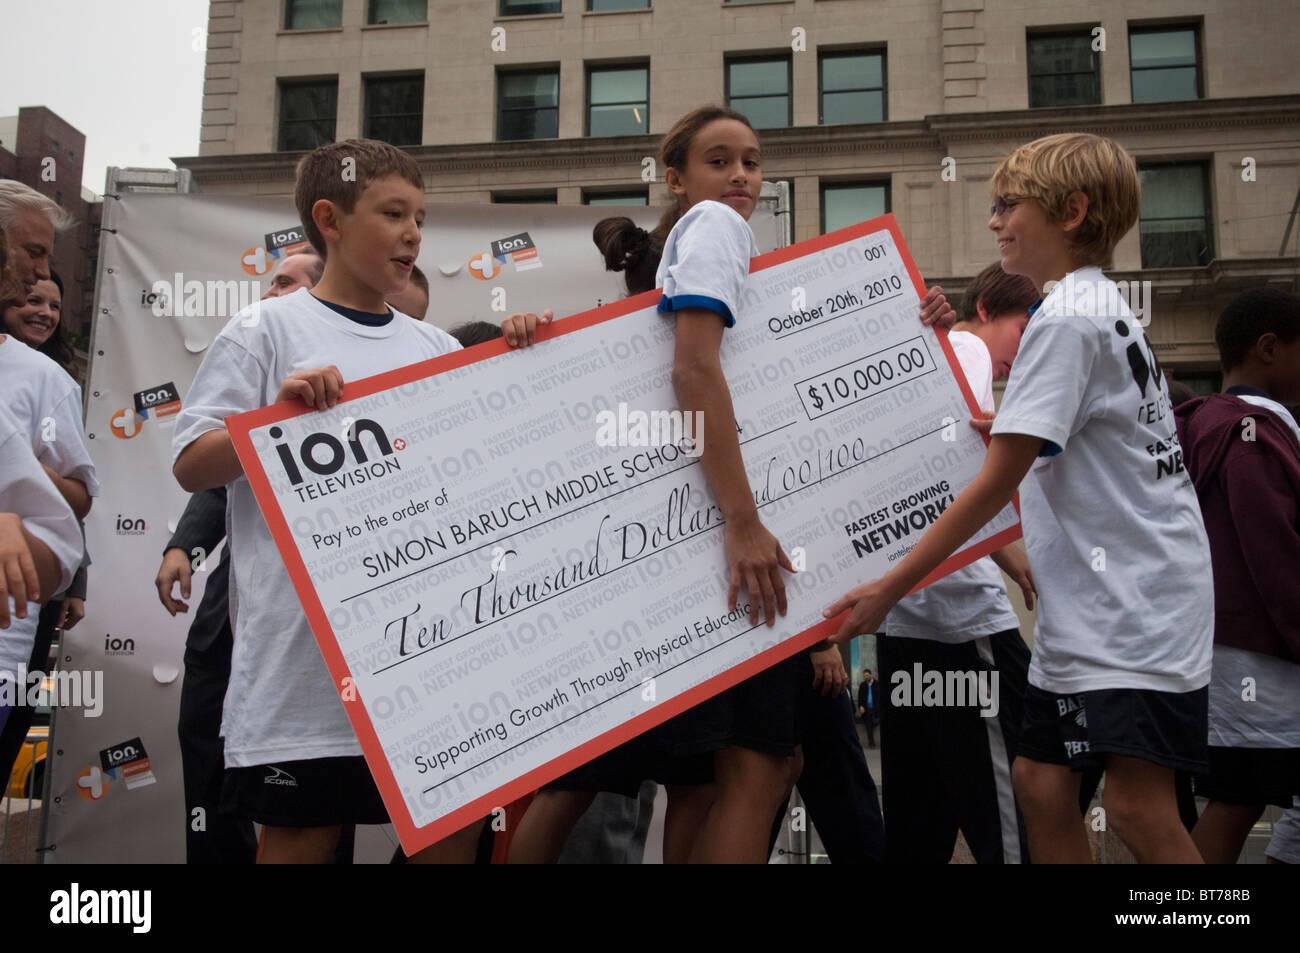 Los estudiantes de escuela intermedia reciben donación para verificar gigante programa de entrenamiento físico Imagen De Stock